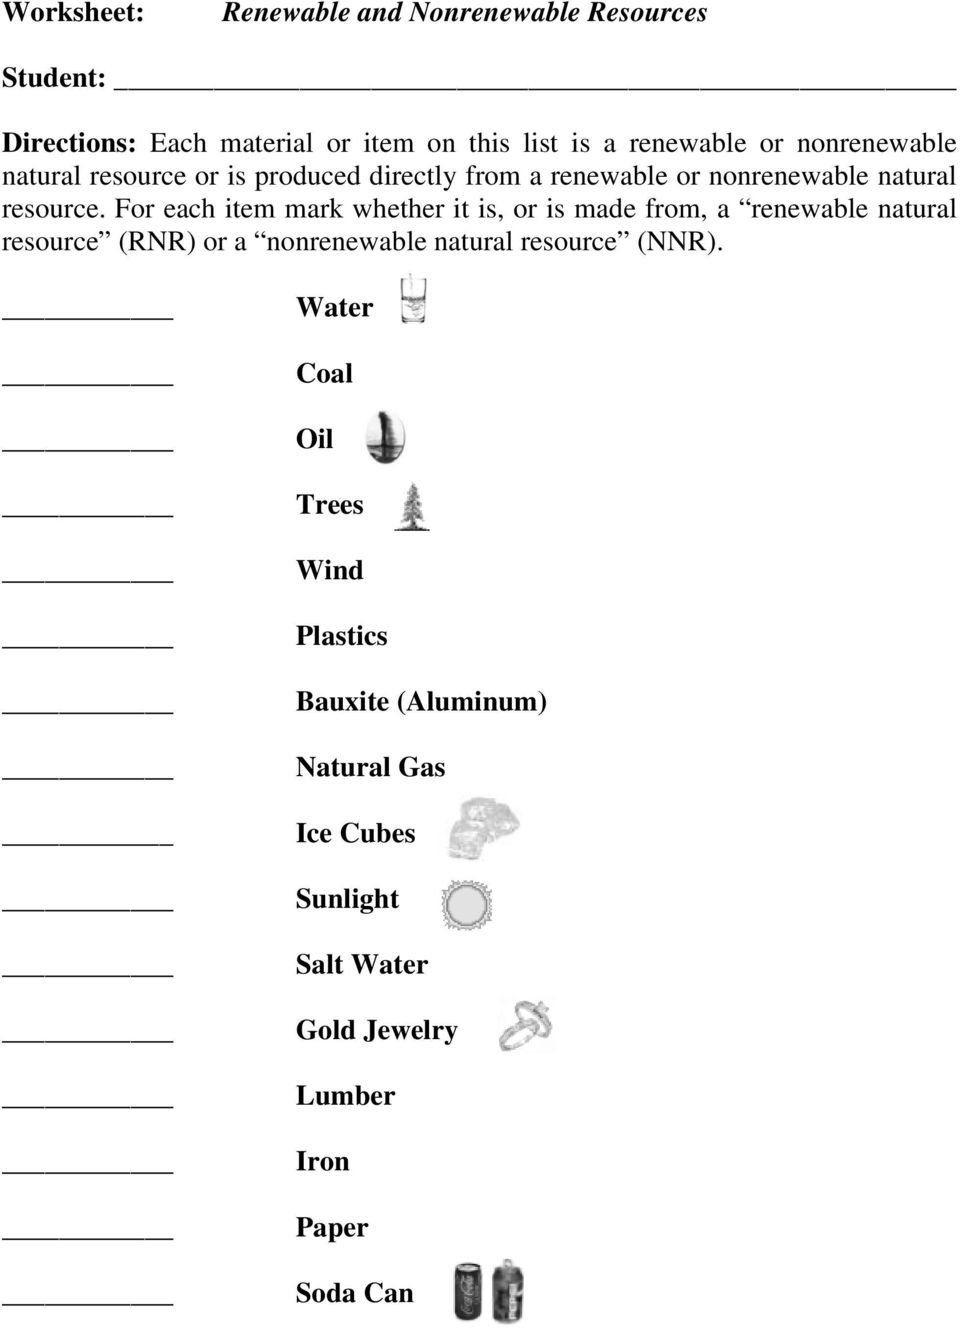 Renewable Vs Nonrenewable Resources Worksheet Renewable and Nonrenewable…  in 2020   Nonrenewable resources [ 1328 x 960 Pixel ]